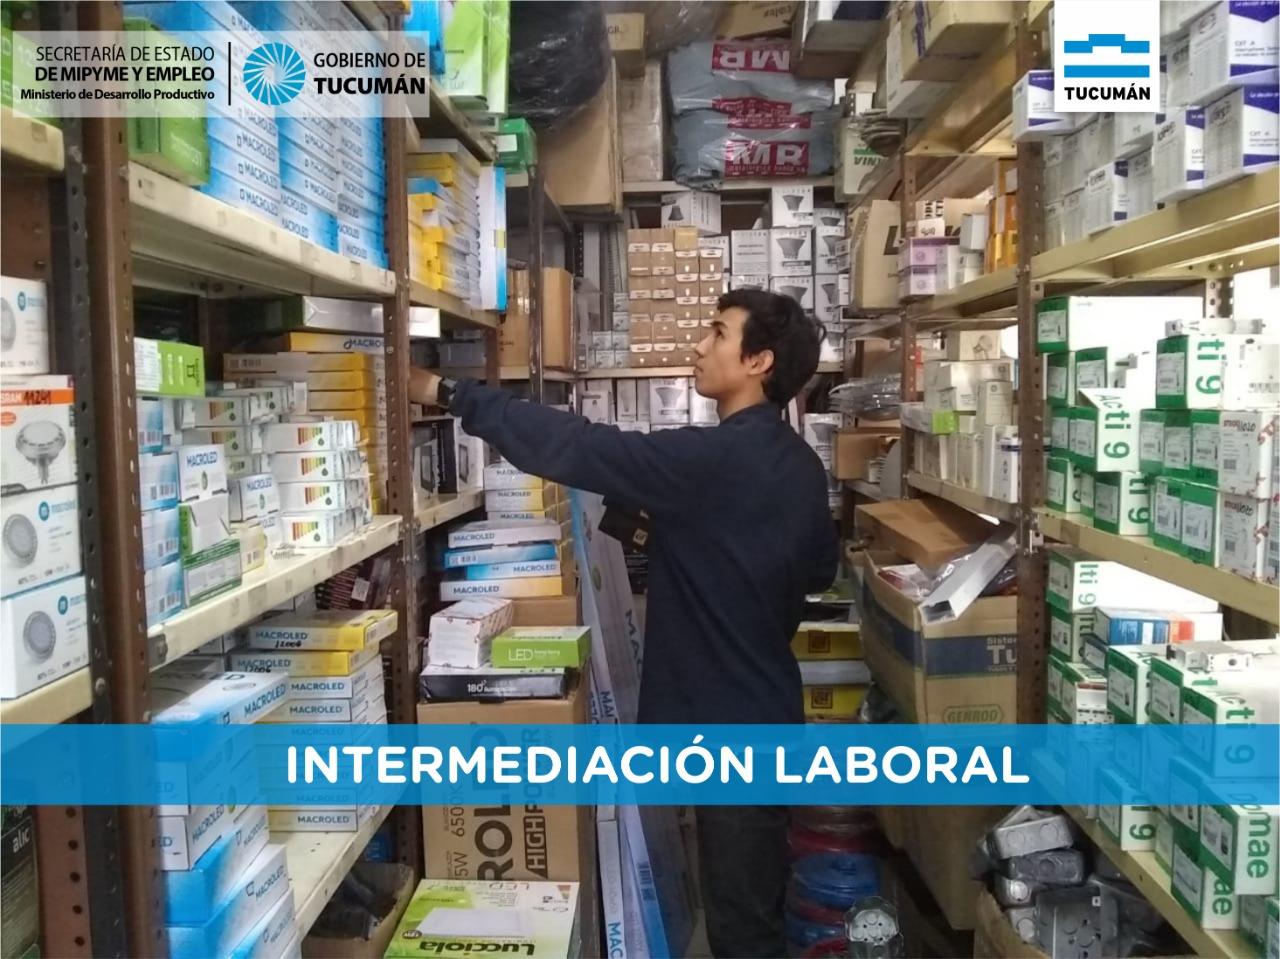 Intermediación laboral, la herramienta más utilizada por empresas tucumanas